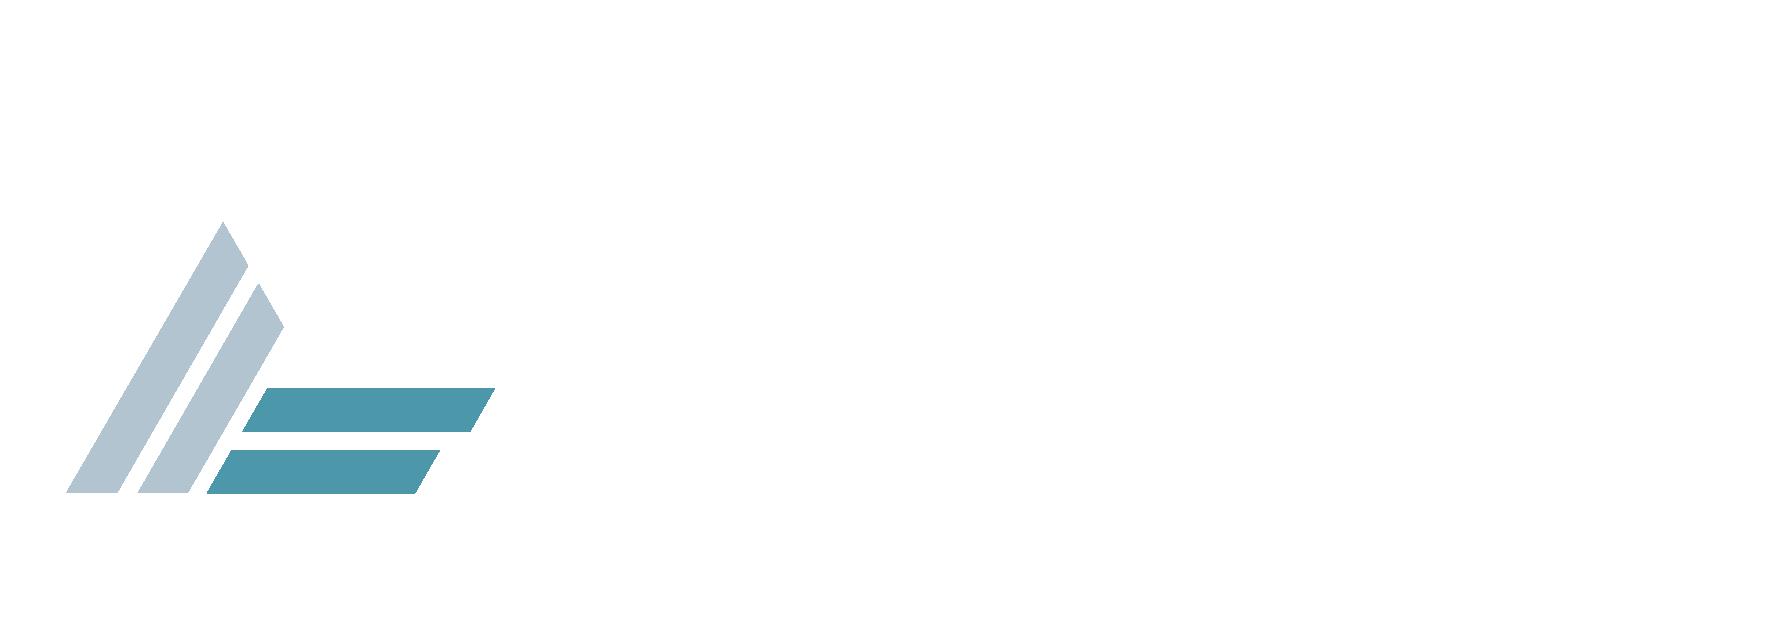 Stratega It